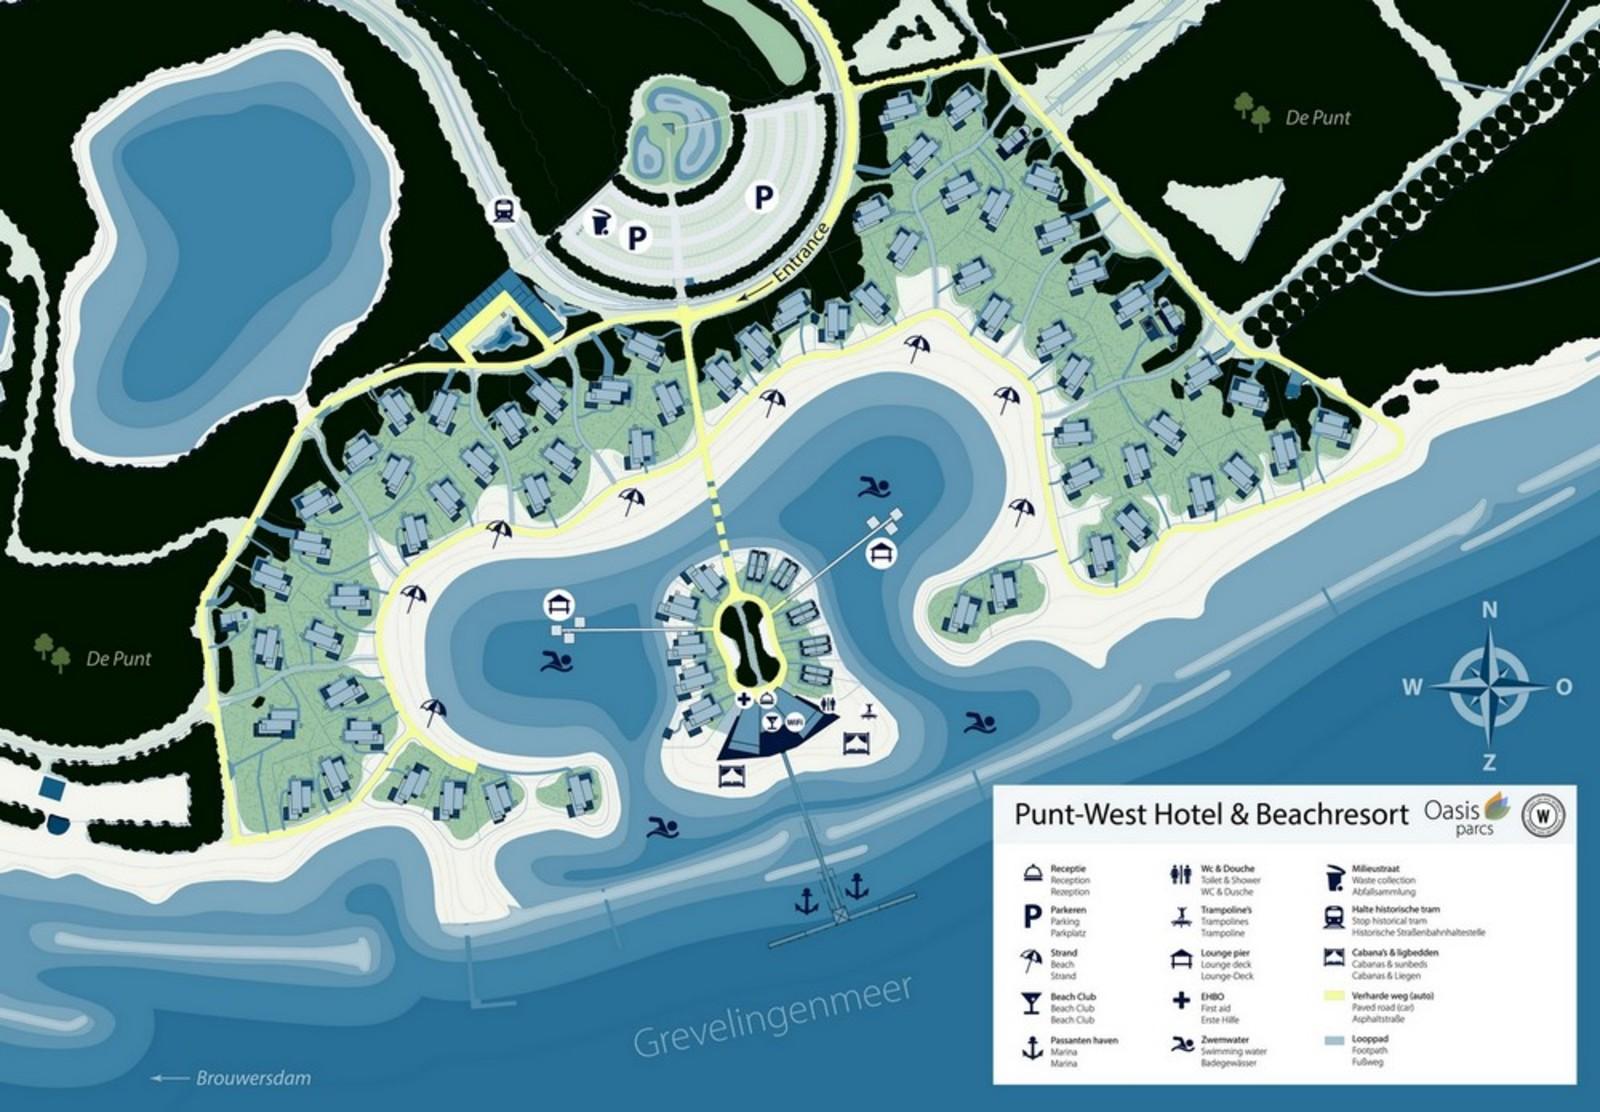 Oasis Parcs Punt-West